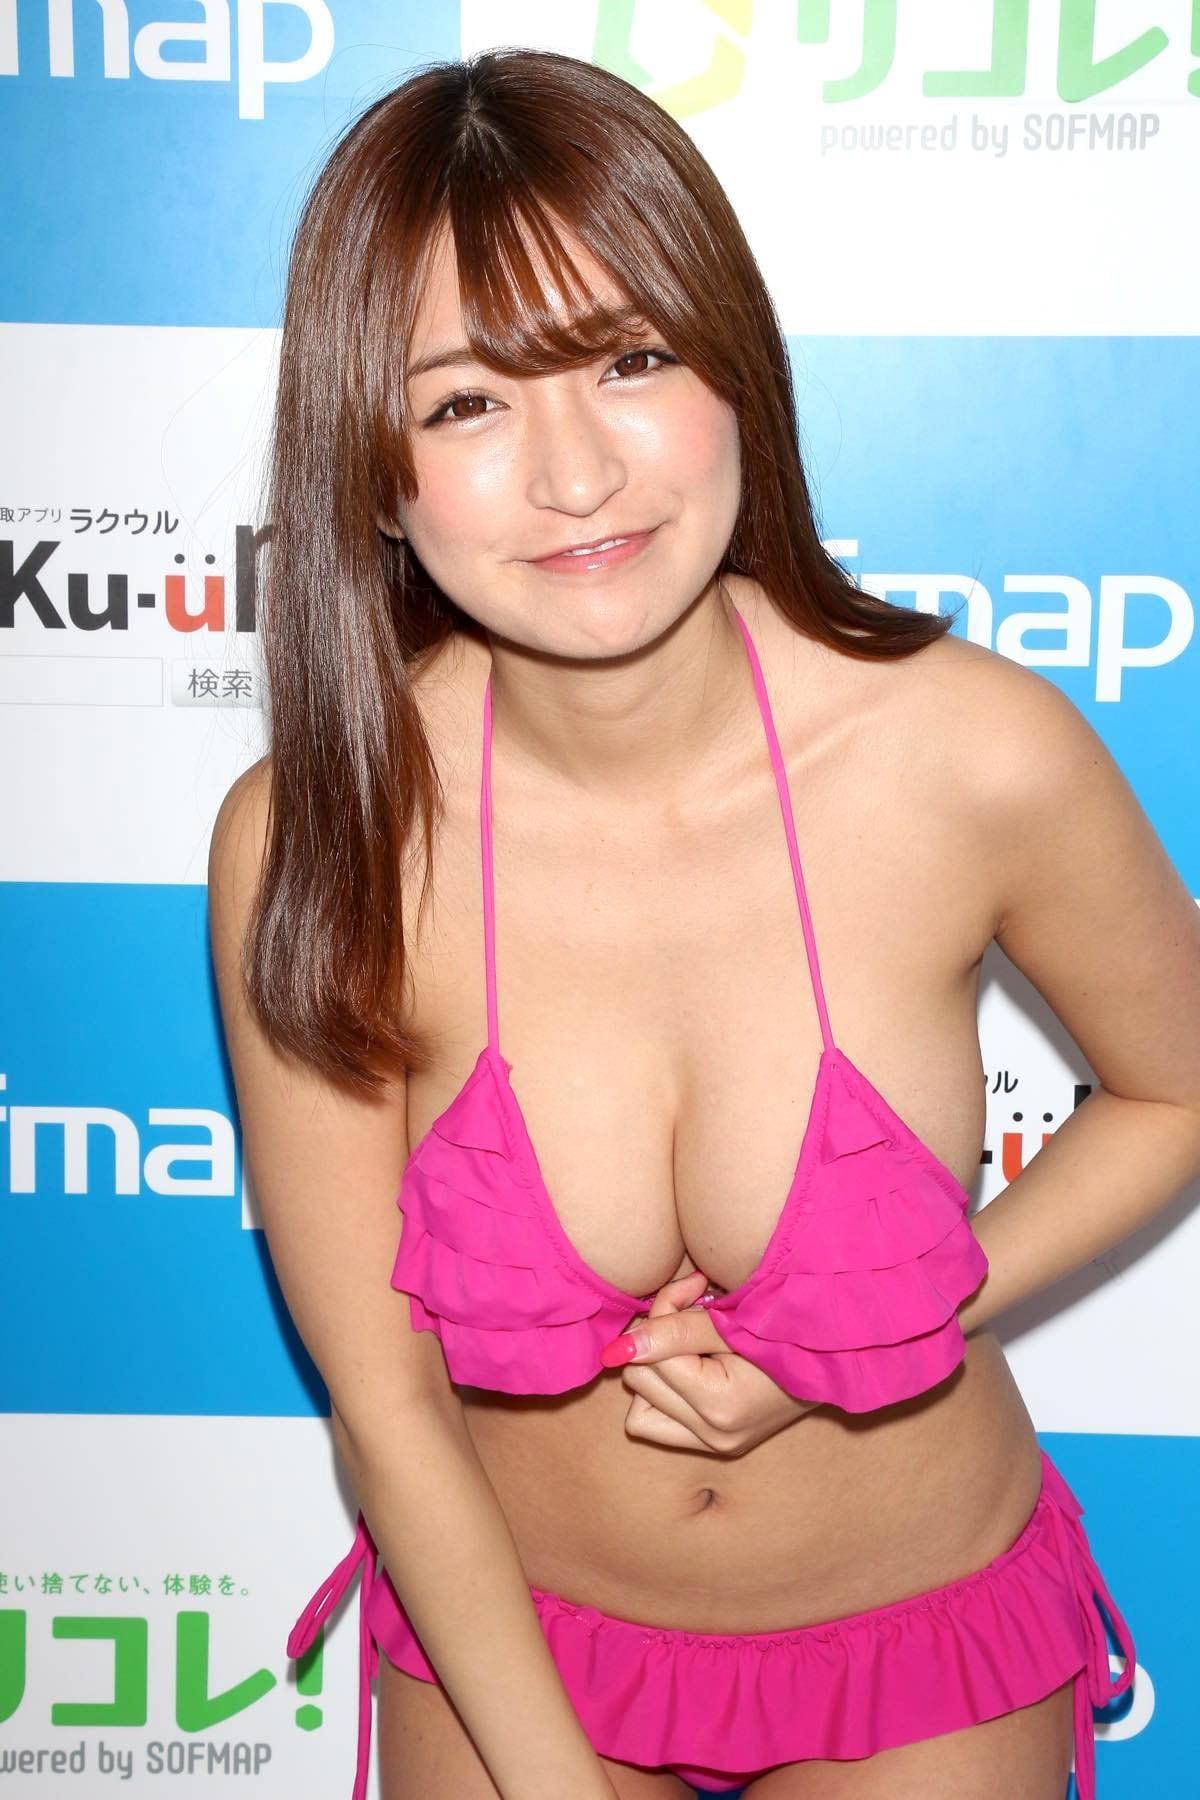 ☆HOSHINO「シャツがどんどん透けちゃう」エプロンはほぼ裸!【写真35枚】の画像019